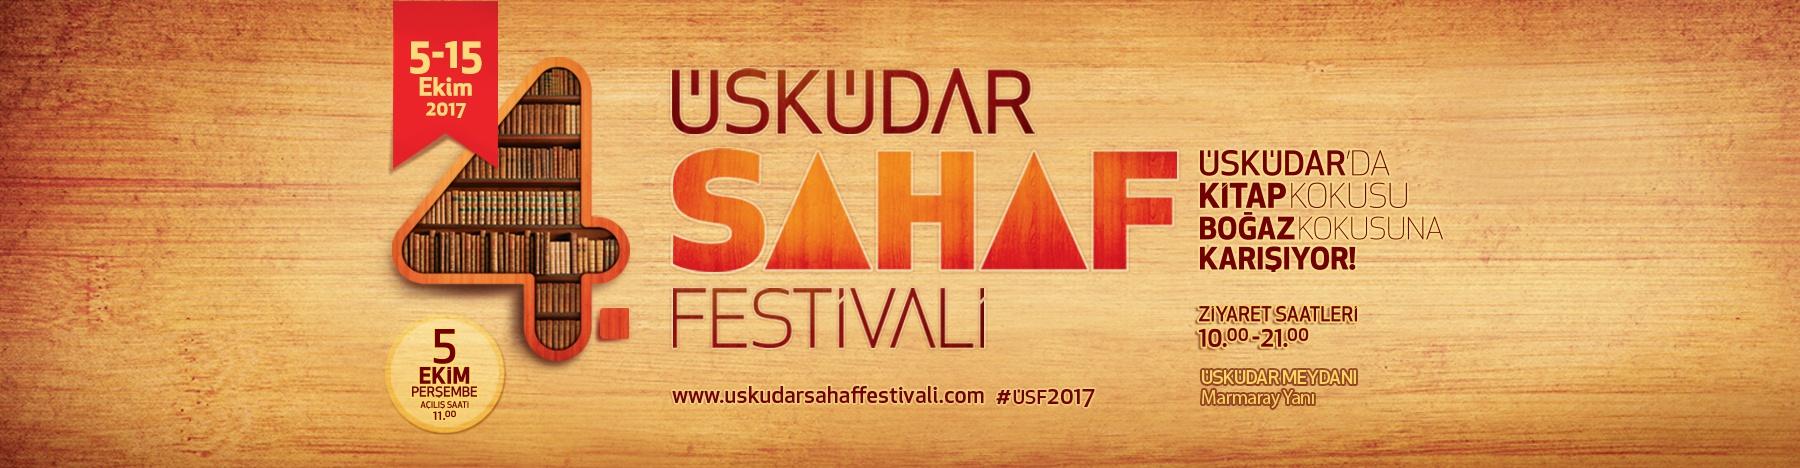 uskudar-sahaf-4-banner